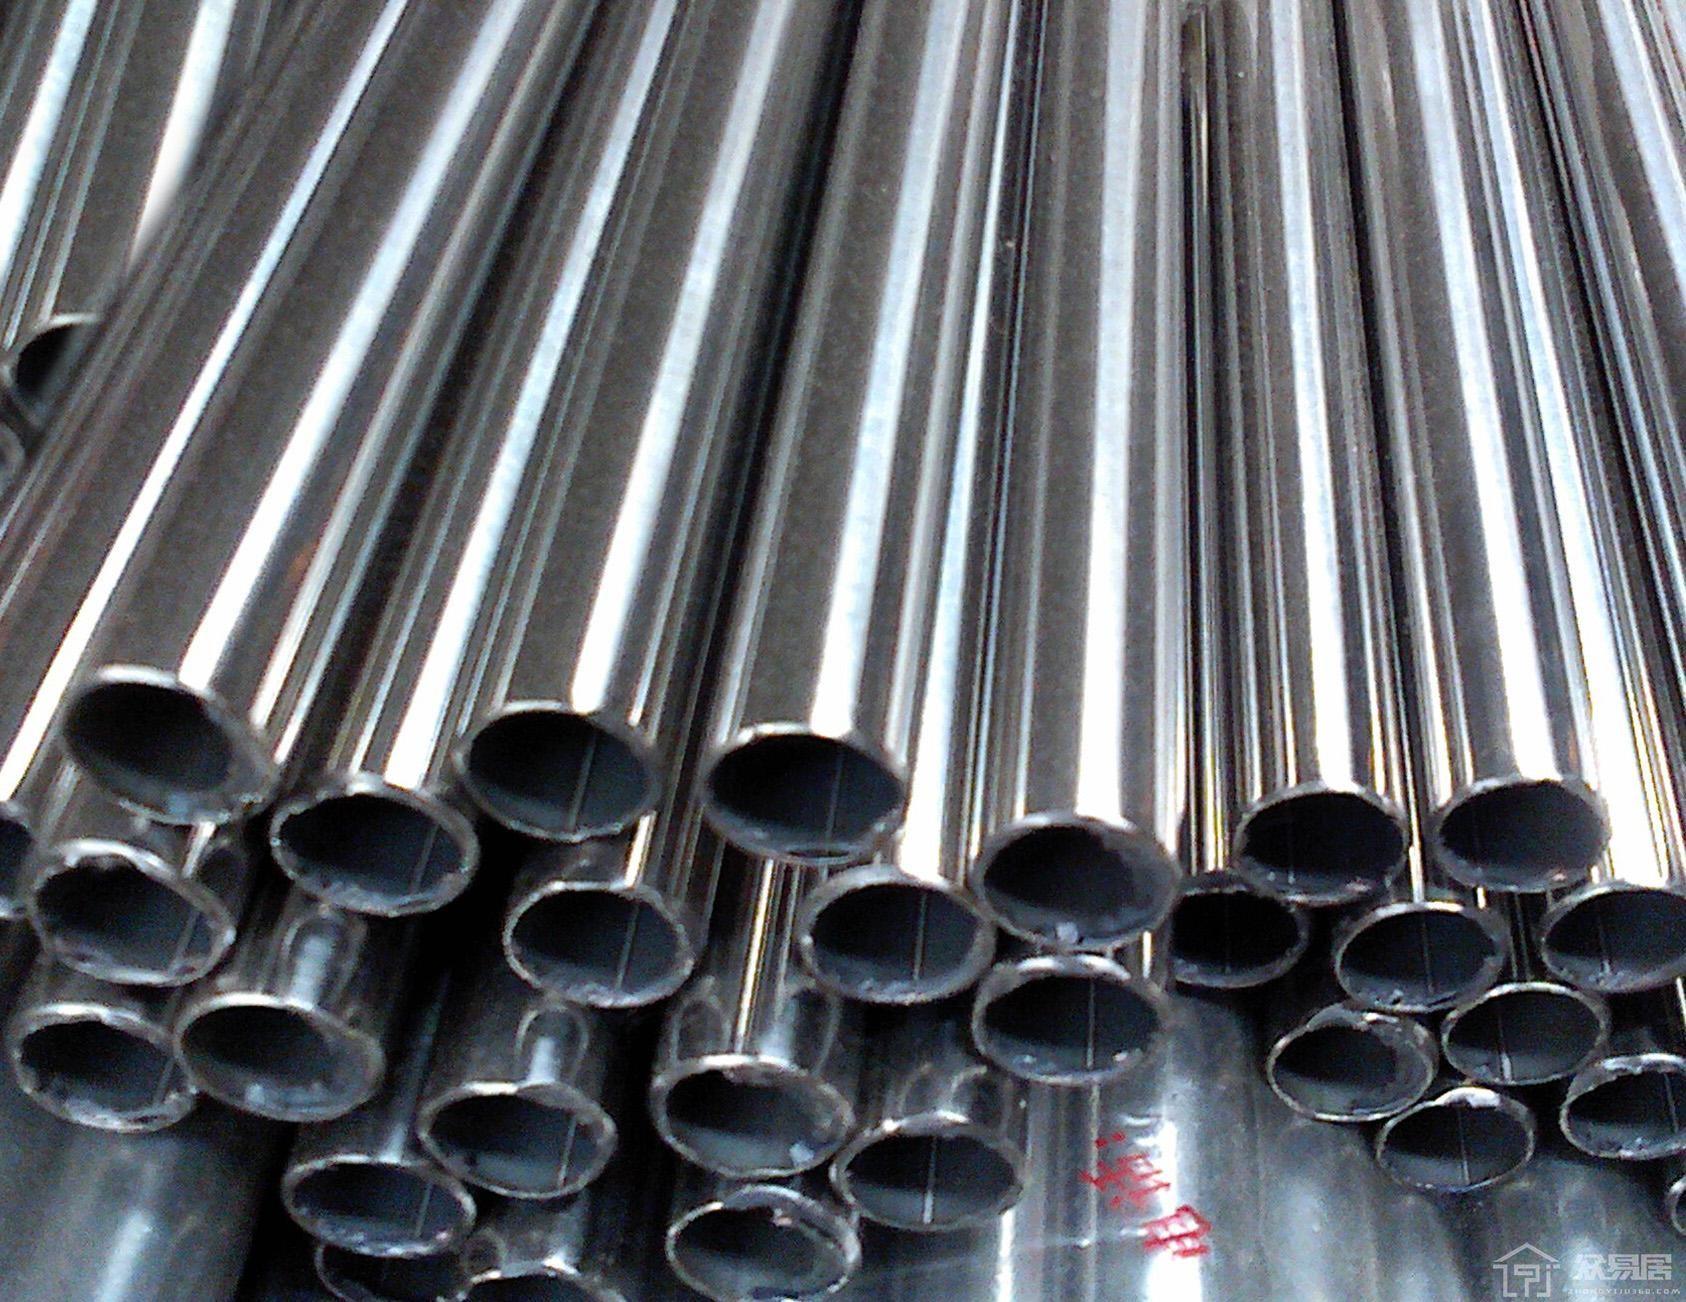 不锈钢卫生管是什么 不锈钢卫生管的日常使用